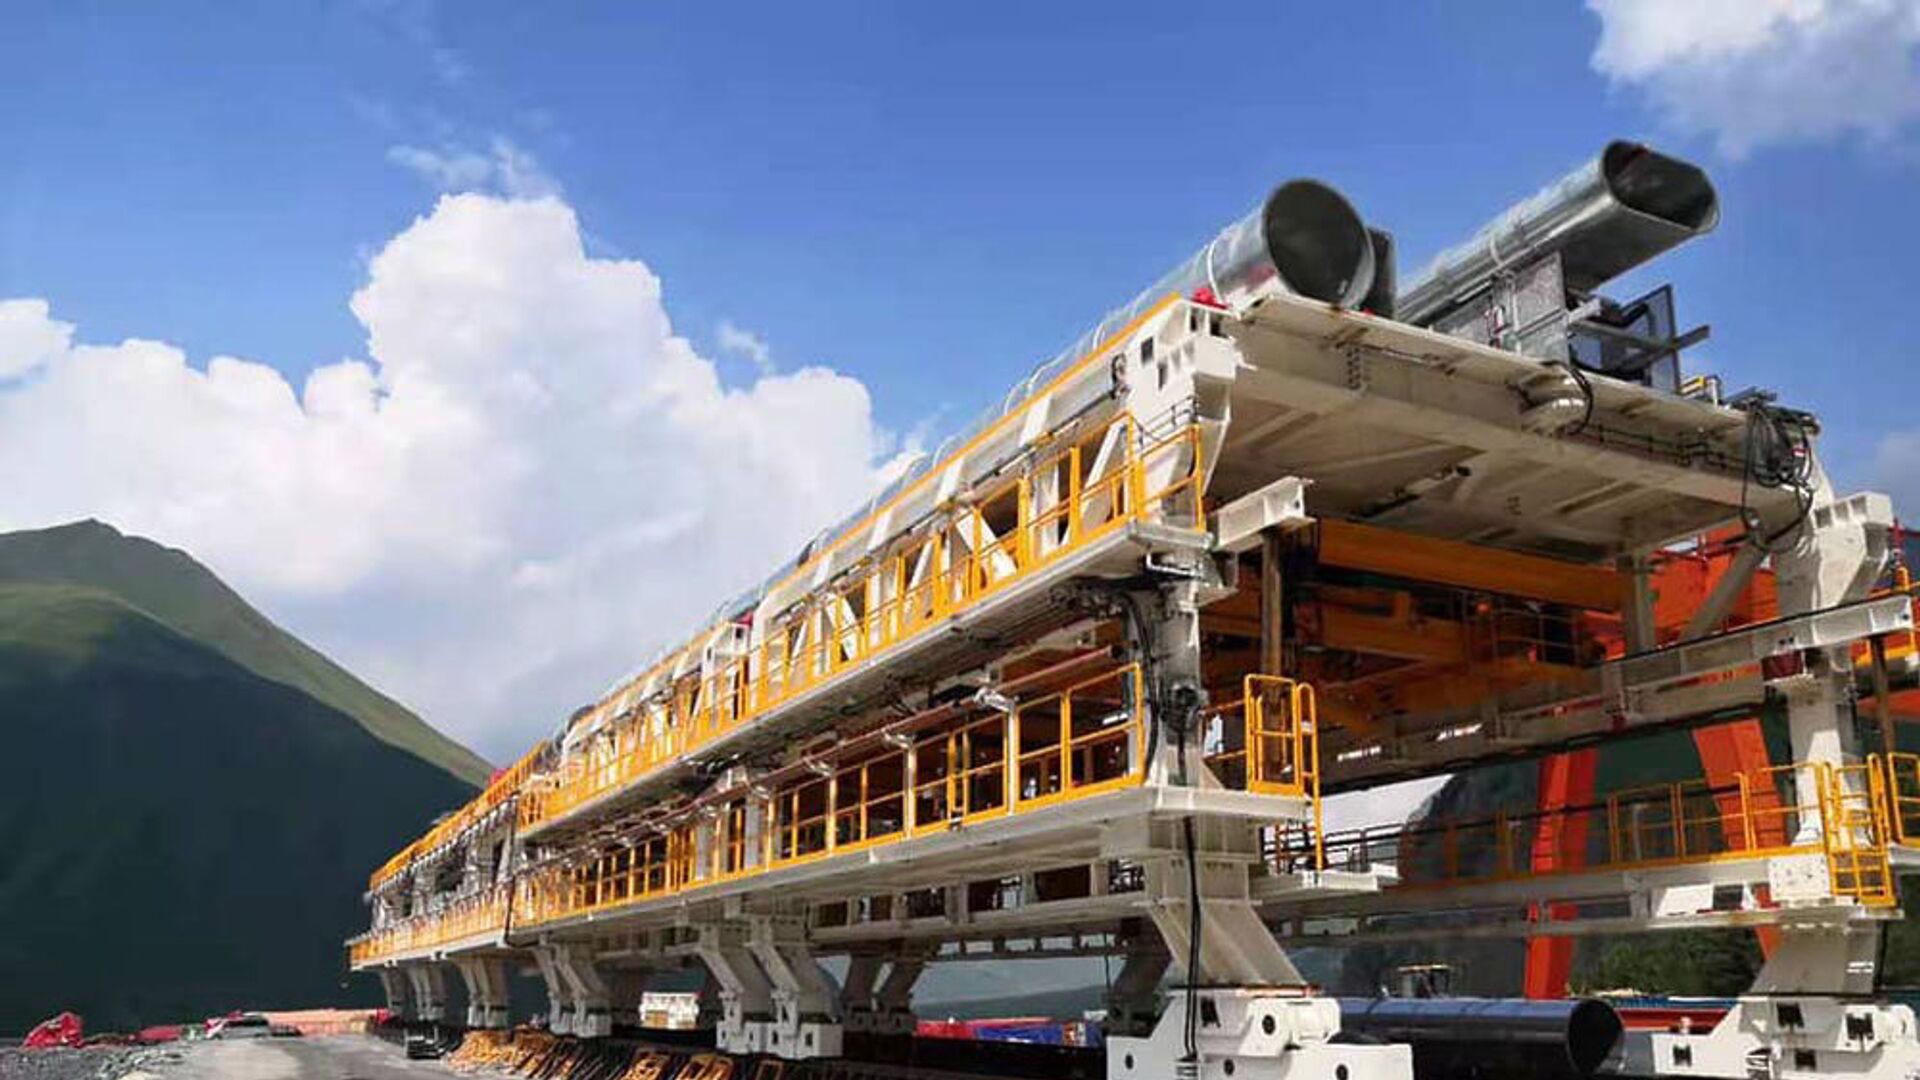 Строительство тоннеля на участке Цкере-Коби автомобильной дороги Мцхета-Степанцминда-Ларс (22 июля 2021). Грузия - Sputnik Արմենիա, 1920, 22.09.2021